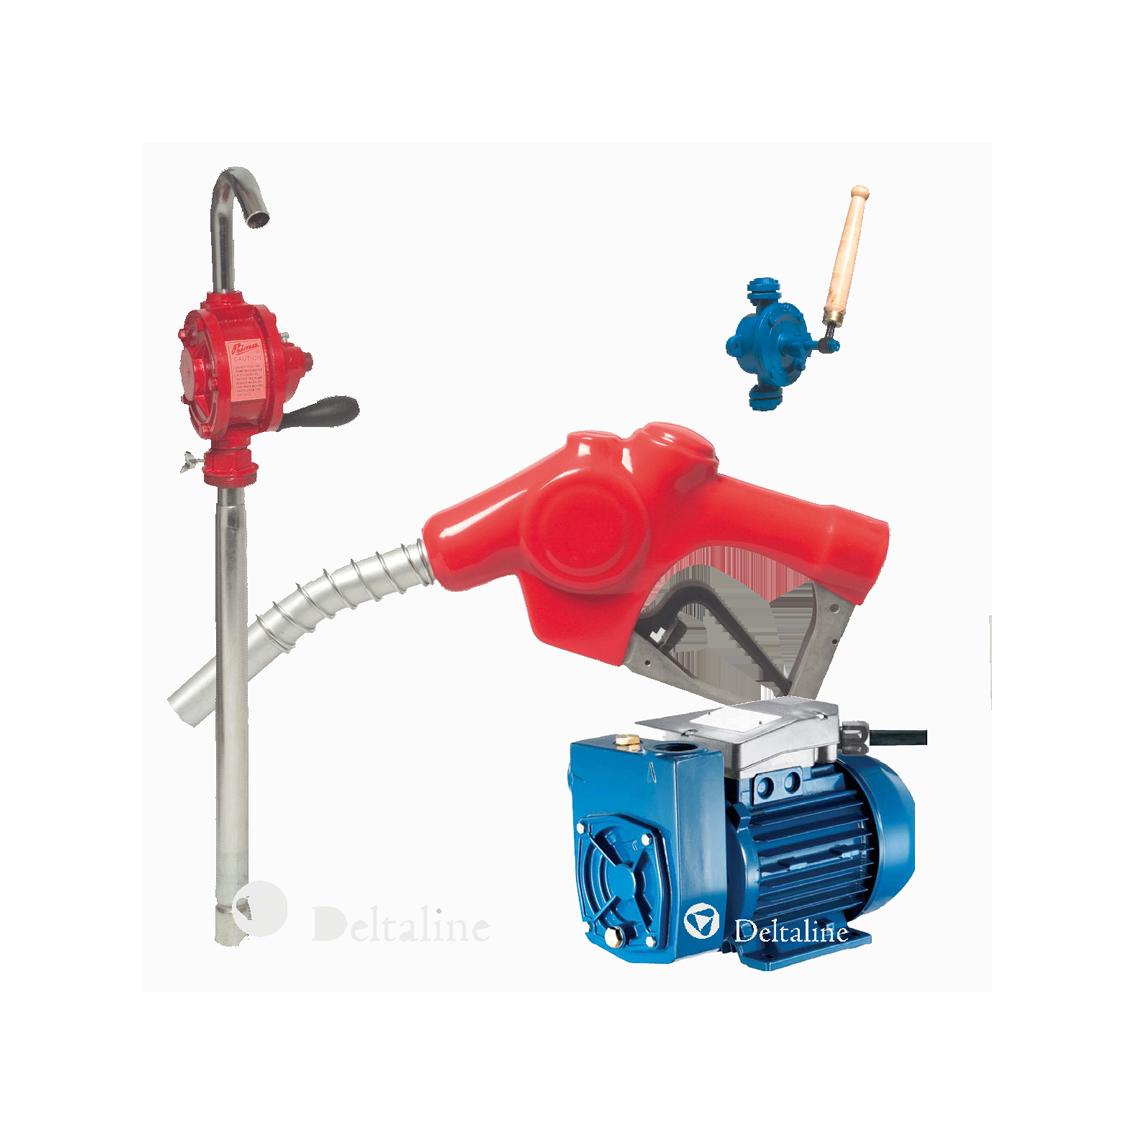 brandstofpompen onderdelen vatpomp